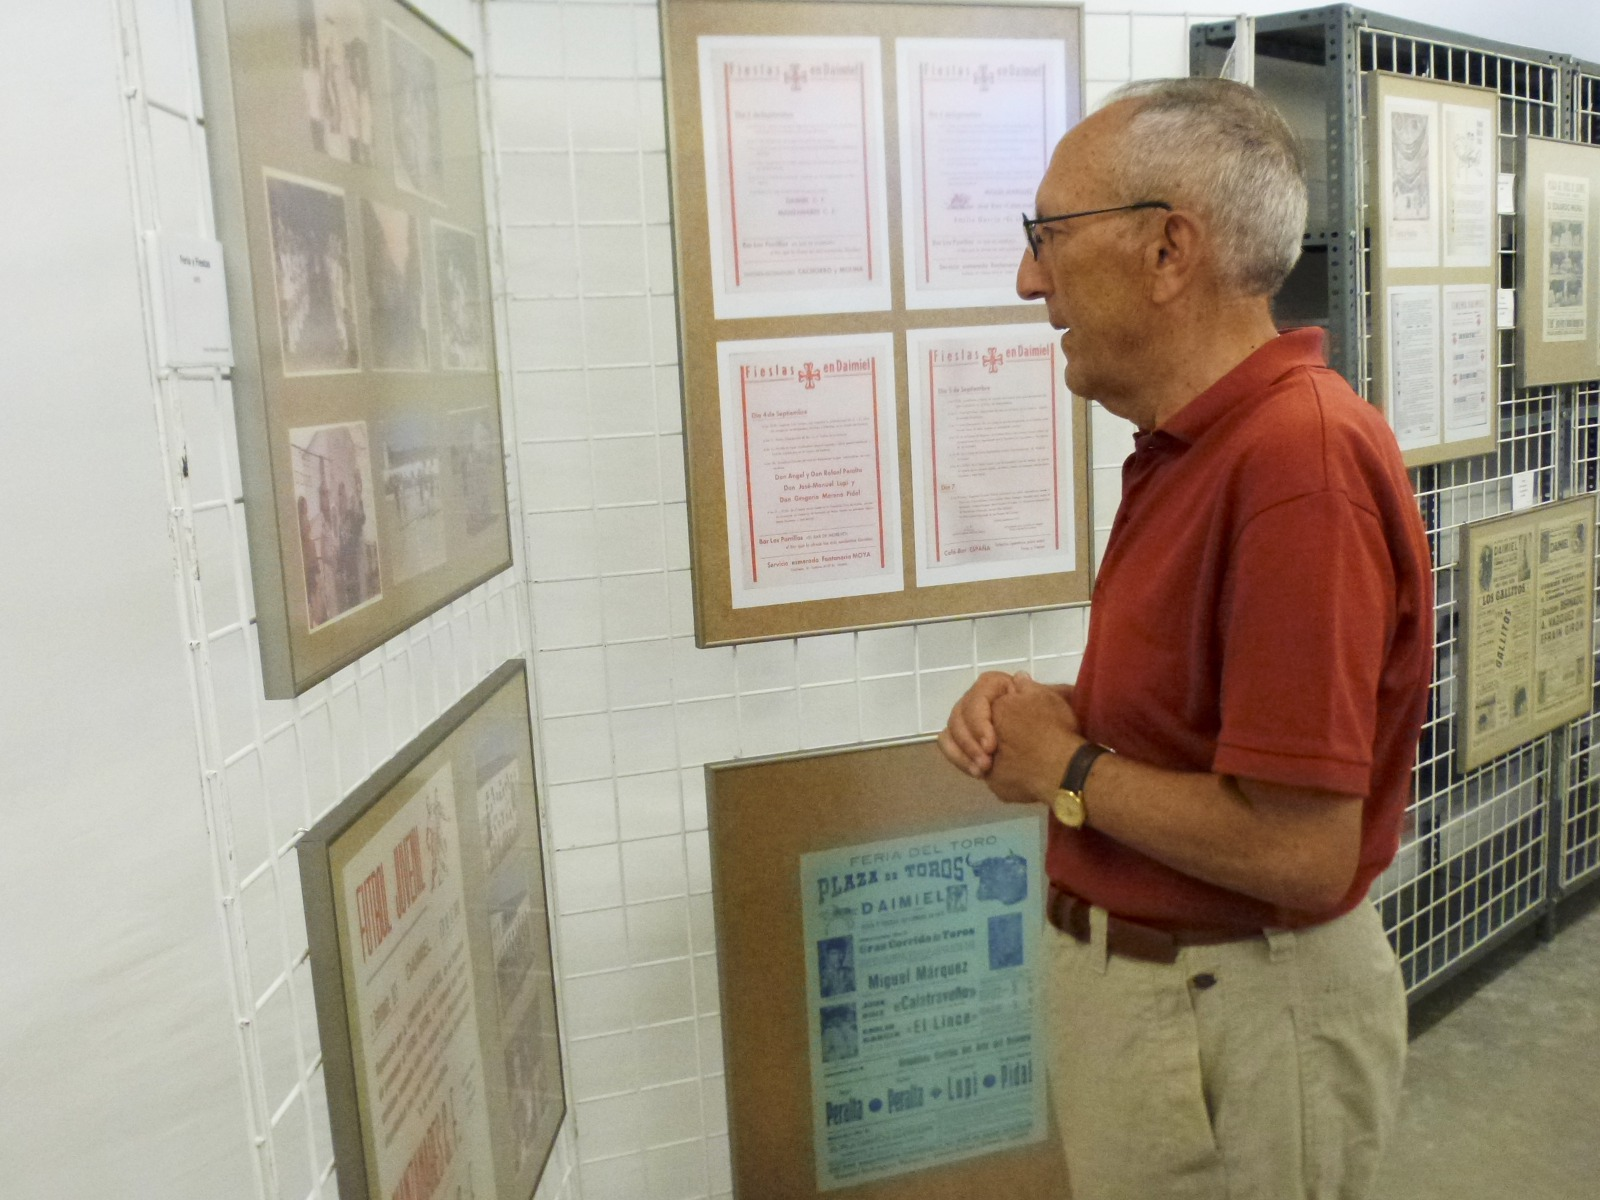 Abierta al público la V Exposición y Jornada de puertas abiertas del Archivo Municipal